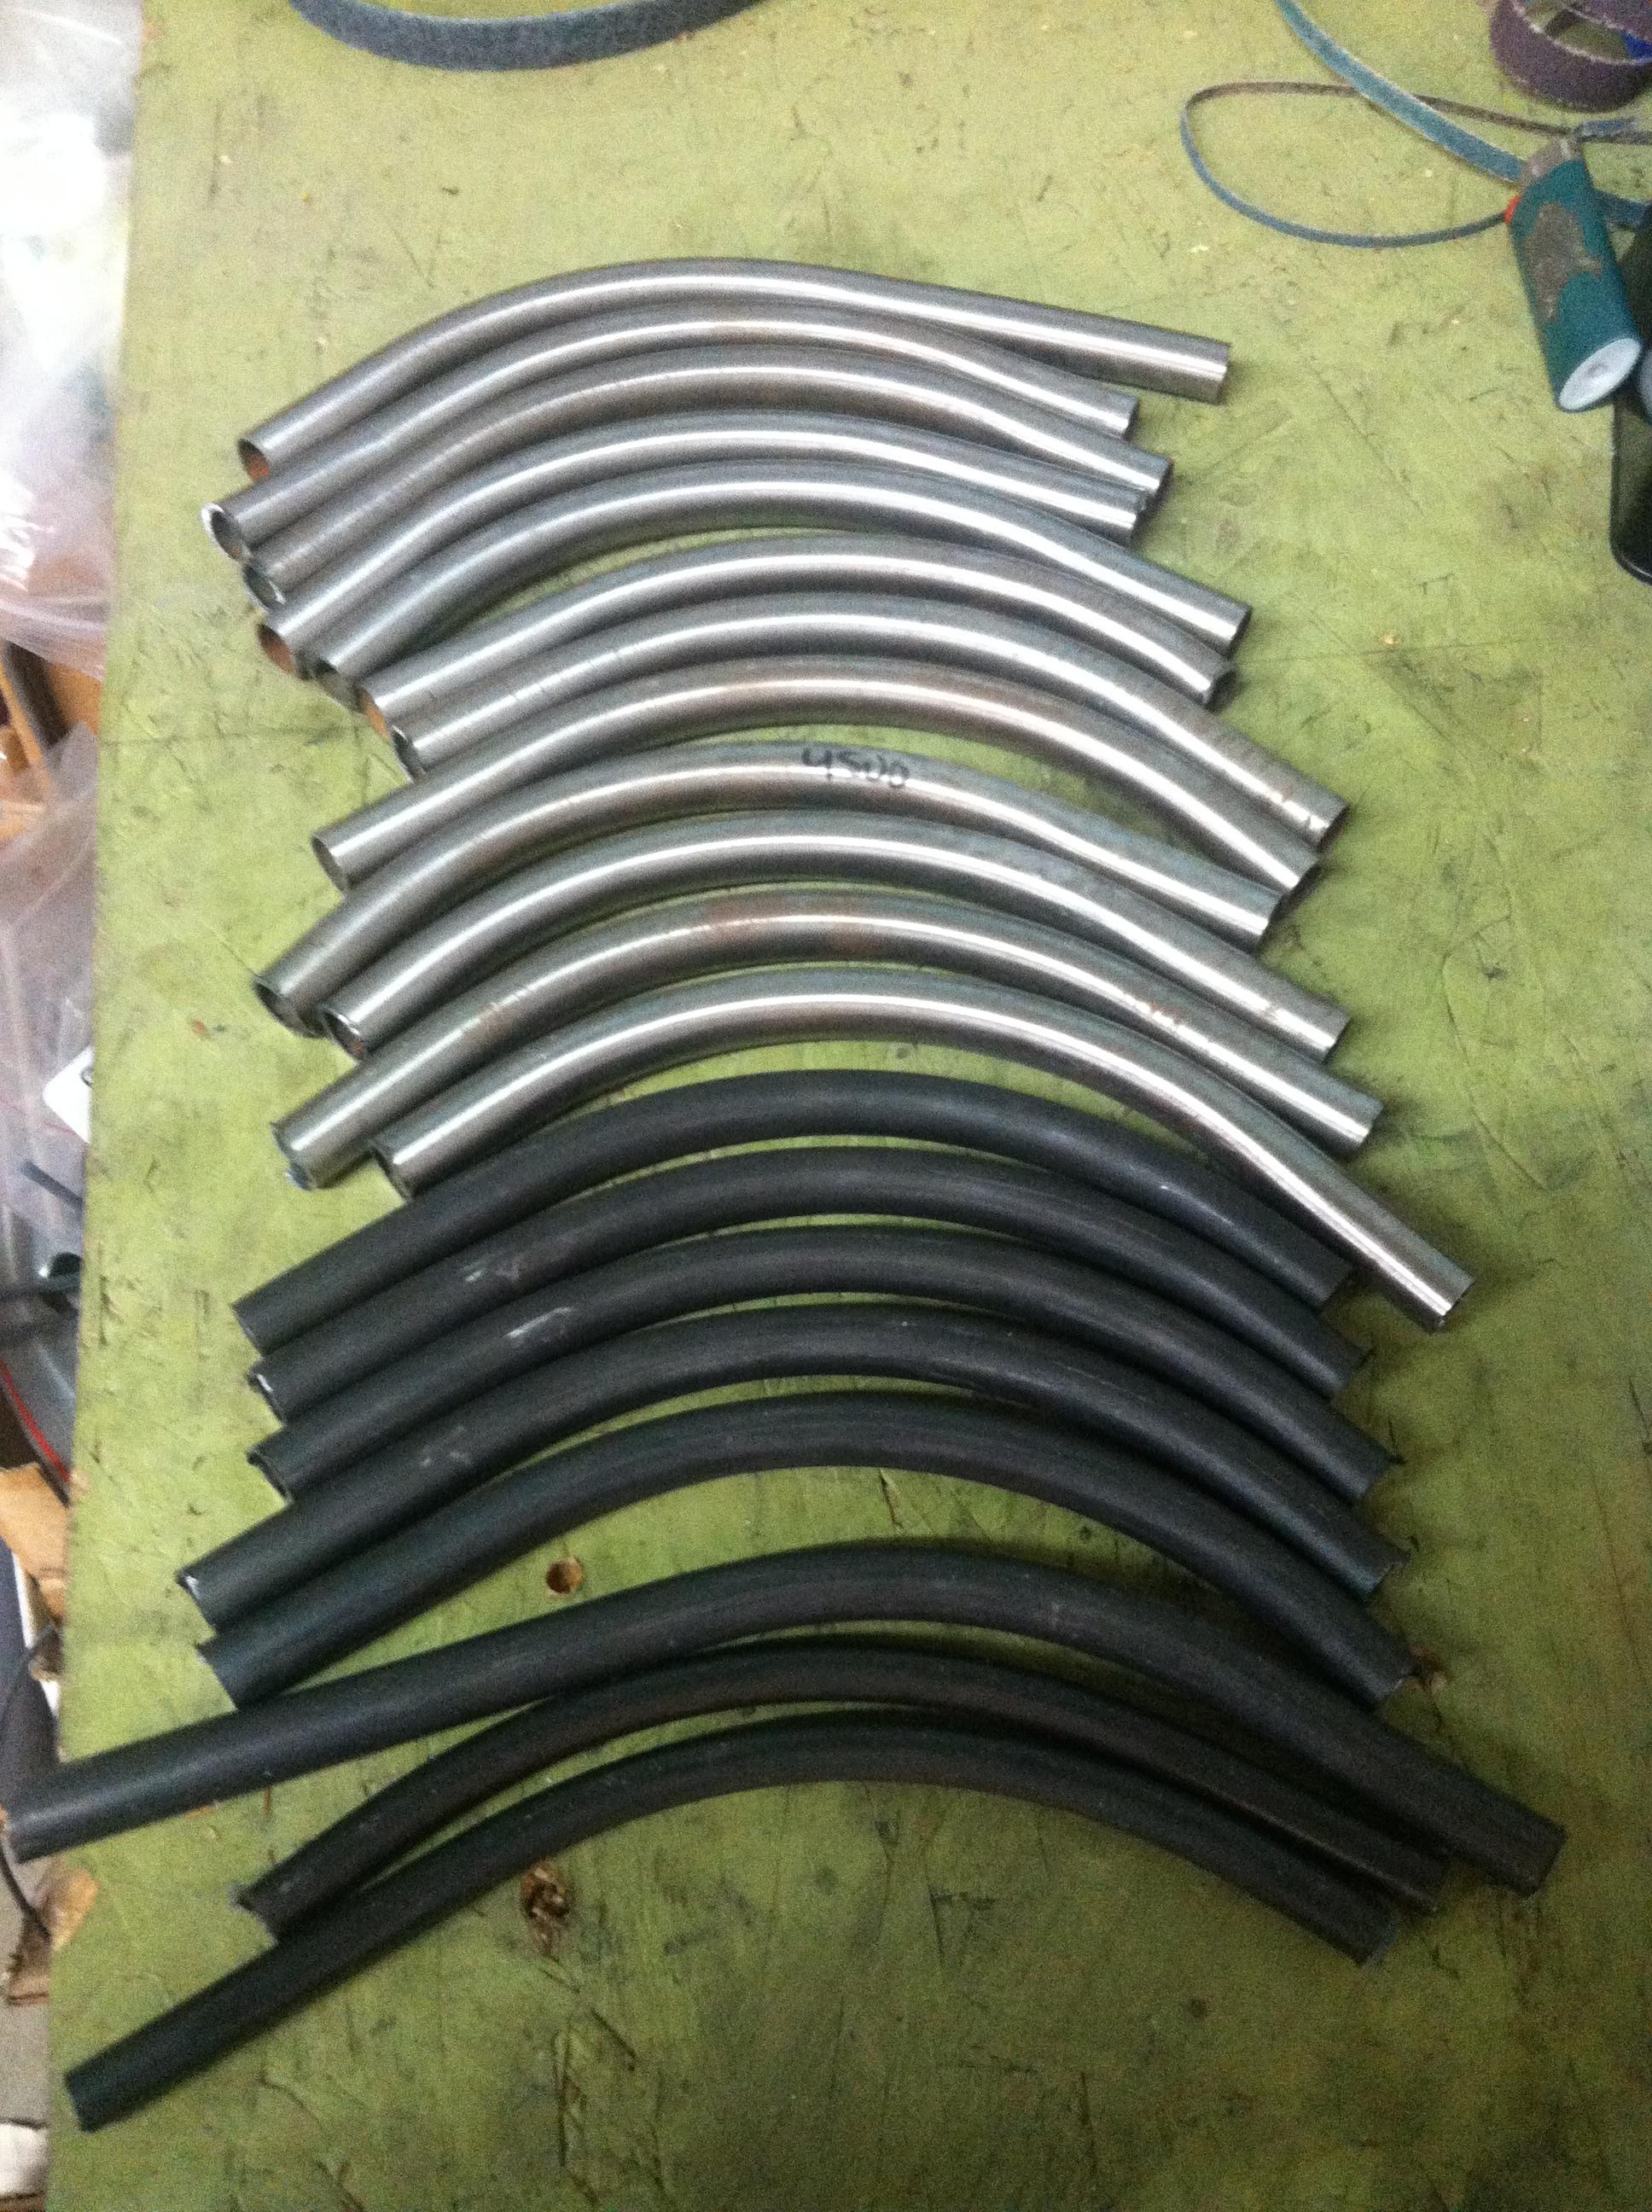 Bent tubes!